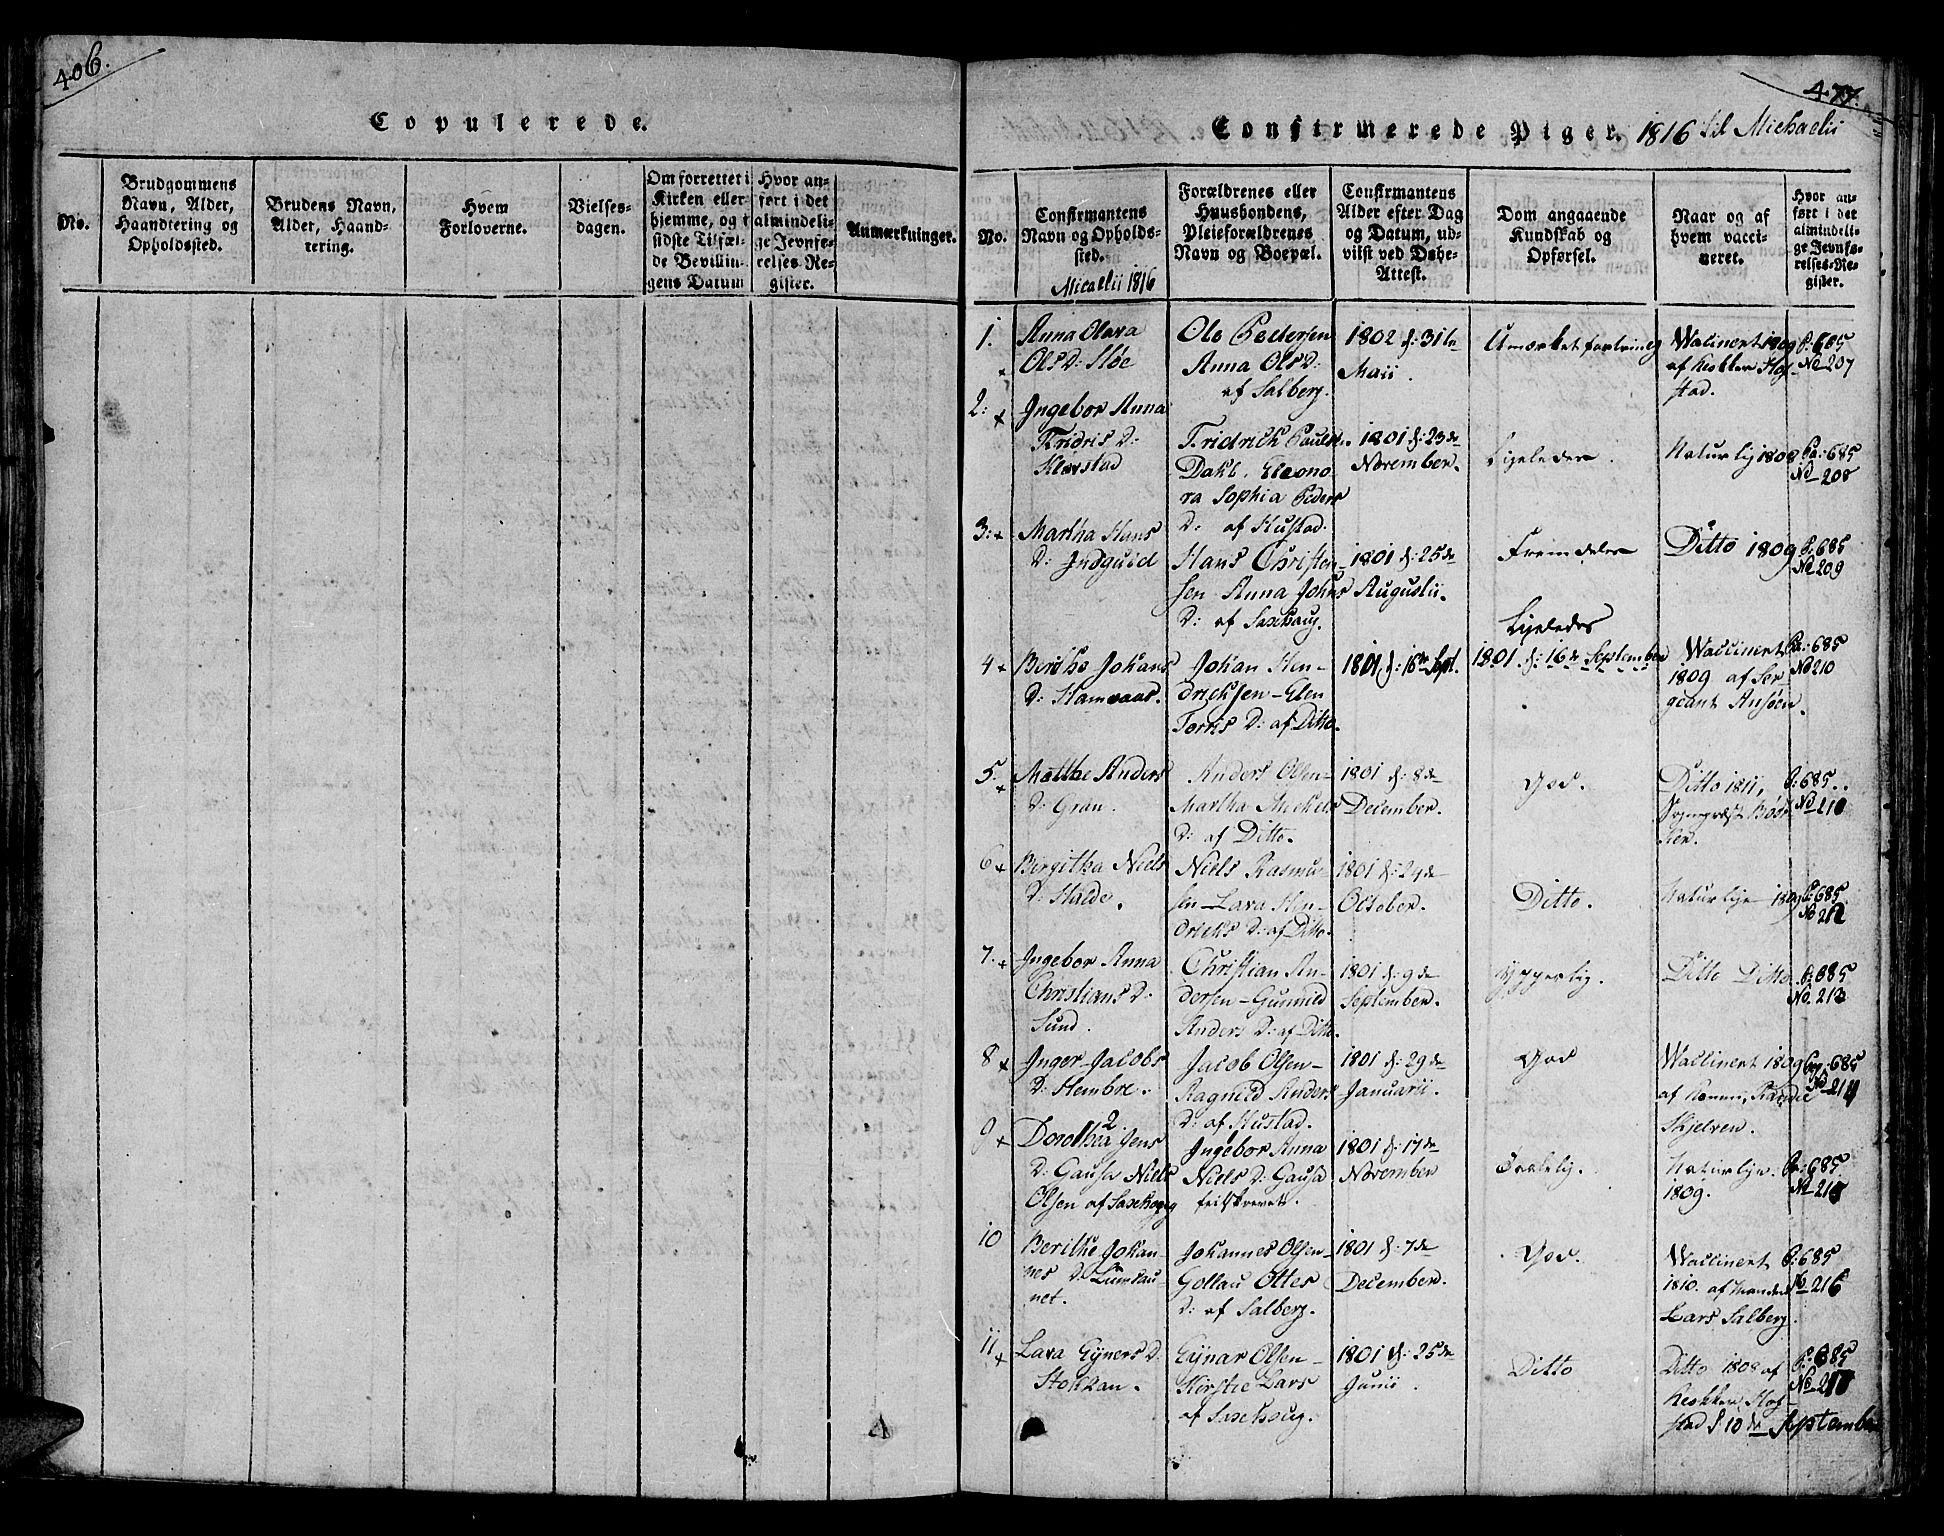 SAT, Ministerialprotokoller, klokkerbøker og fødselsregistre - Nord-Trøndelag, 730/L0275: Ministerialbok nr. 730A04, 1816-1822, s. 406-477